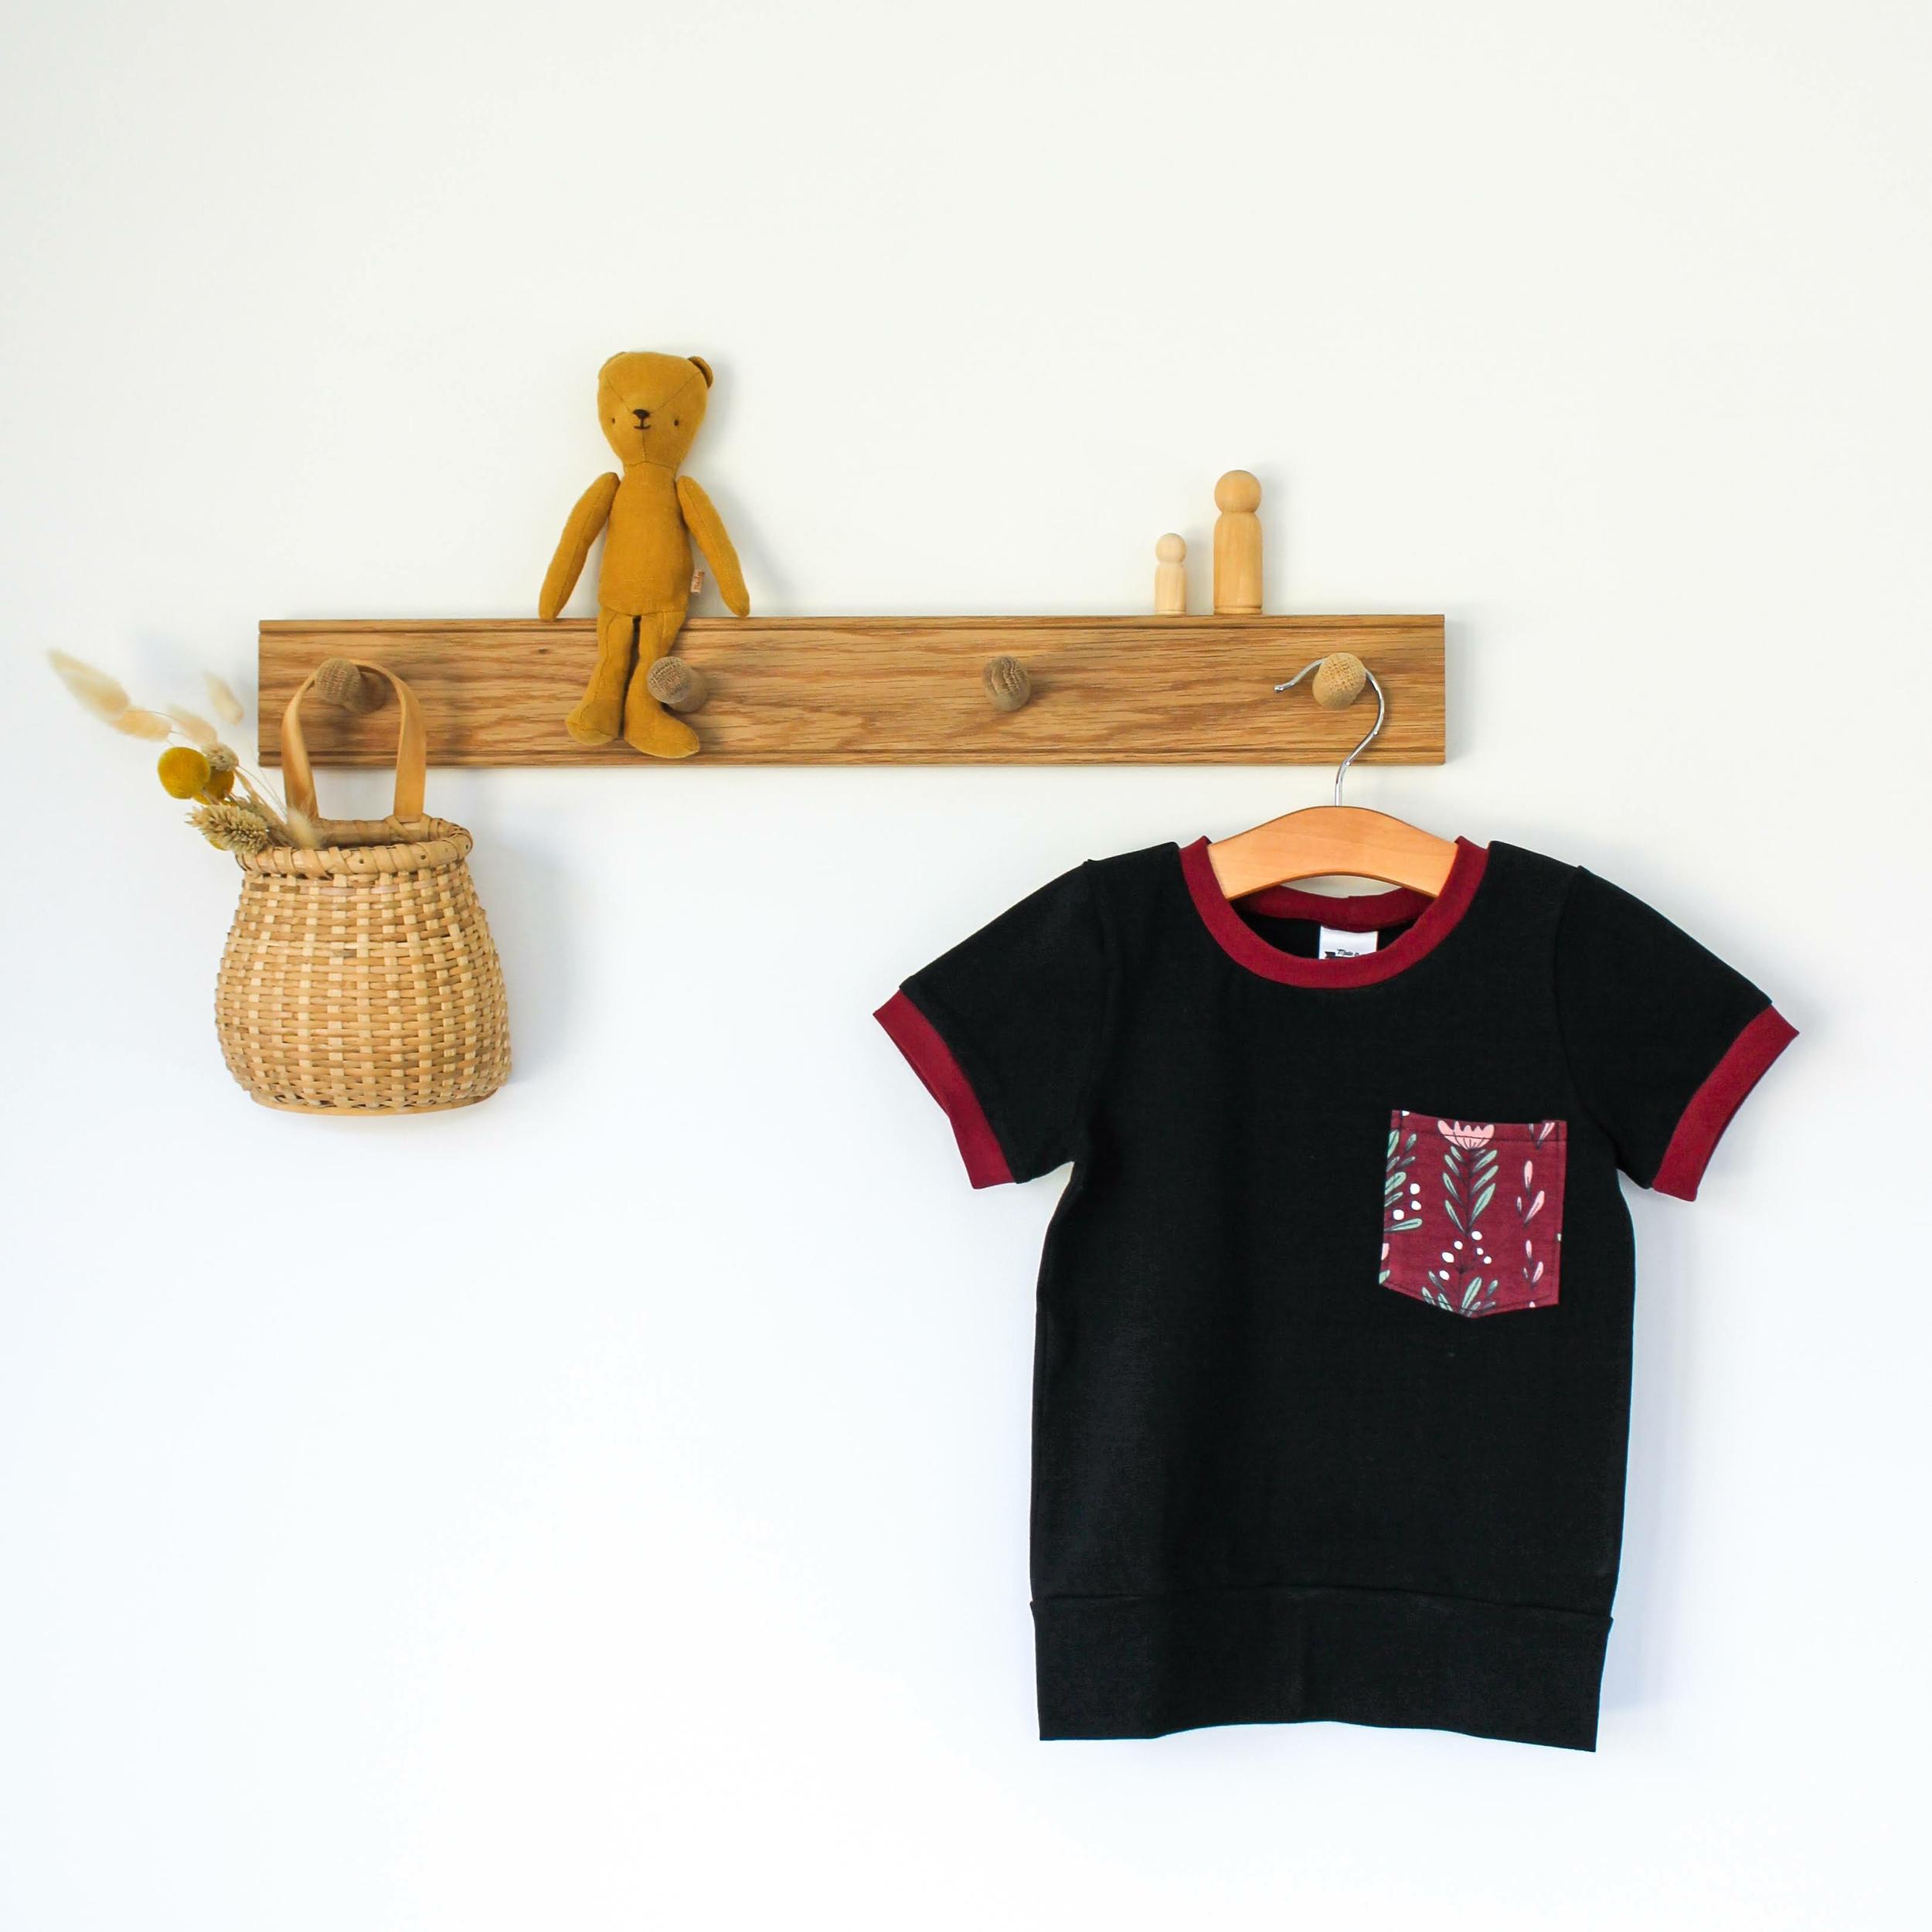 Tee-shirt évolutif - BURGUNDY